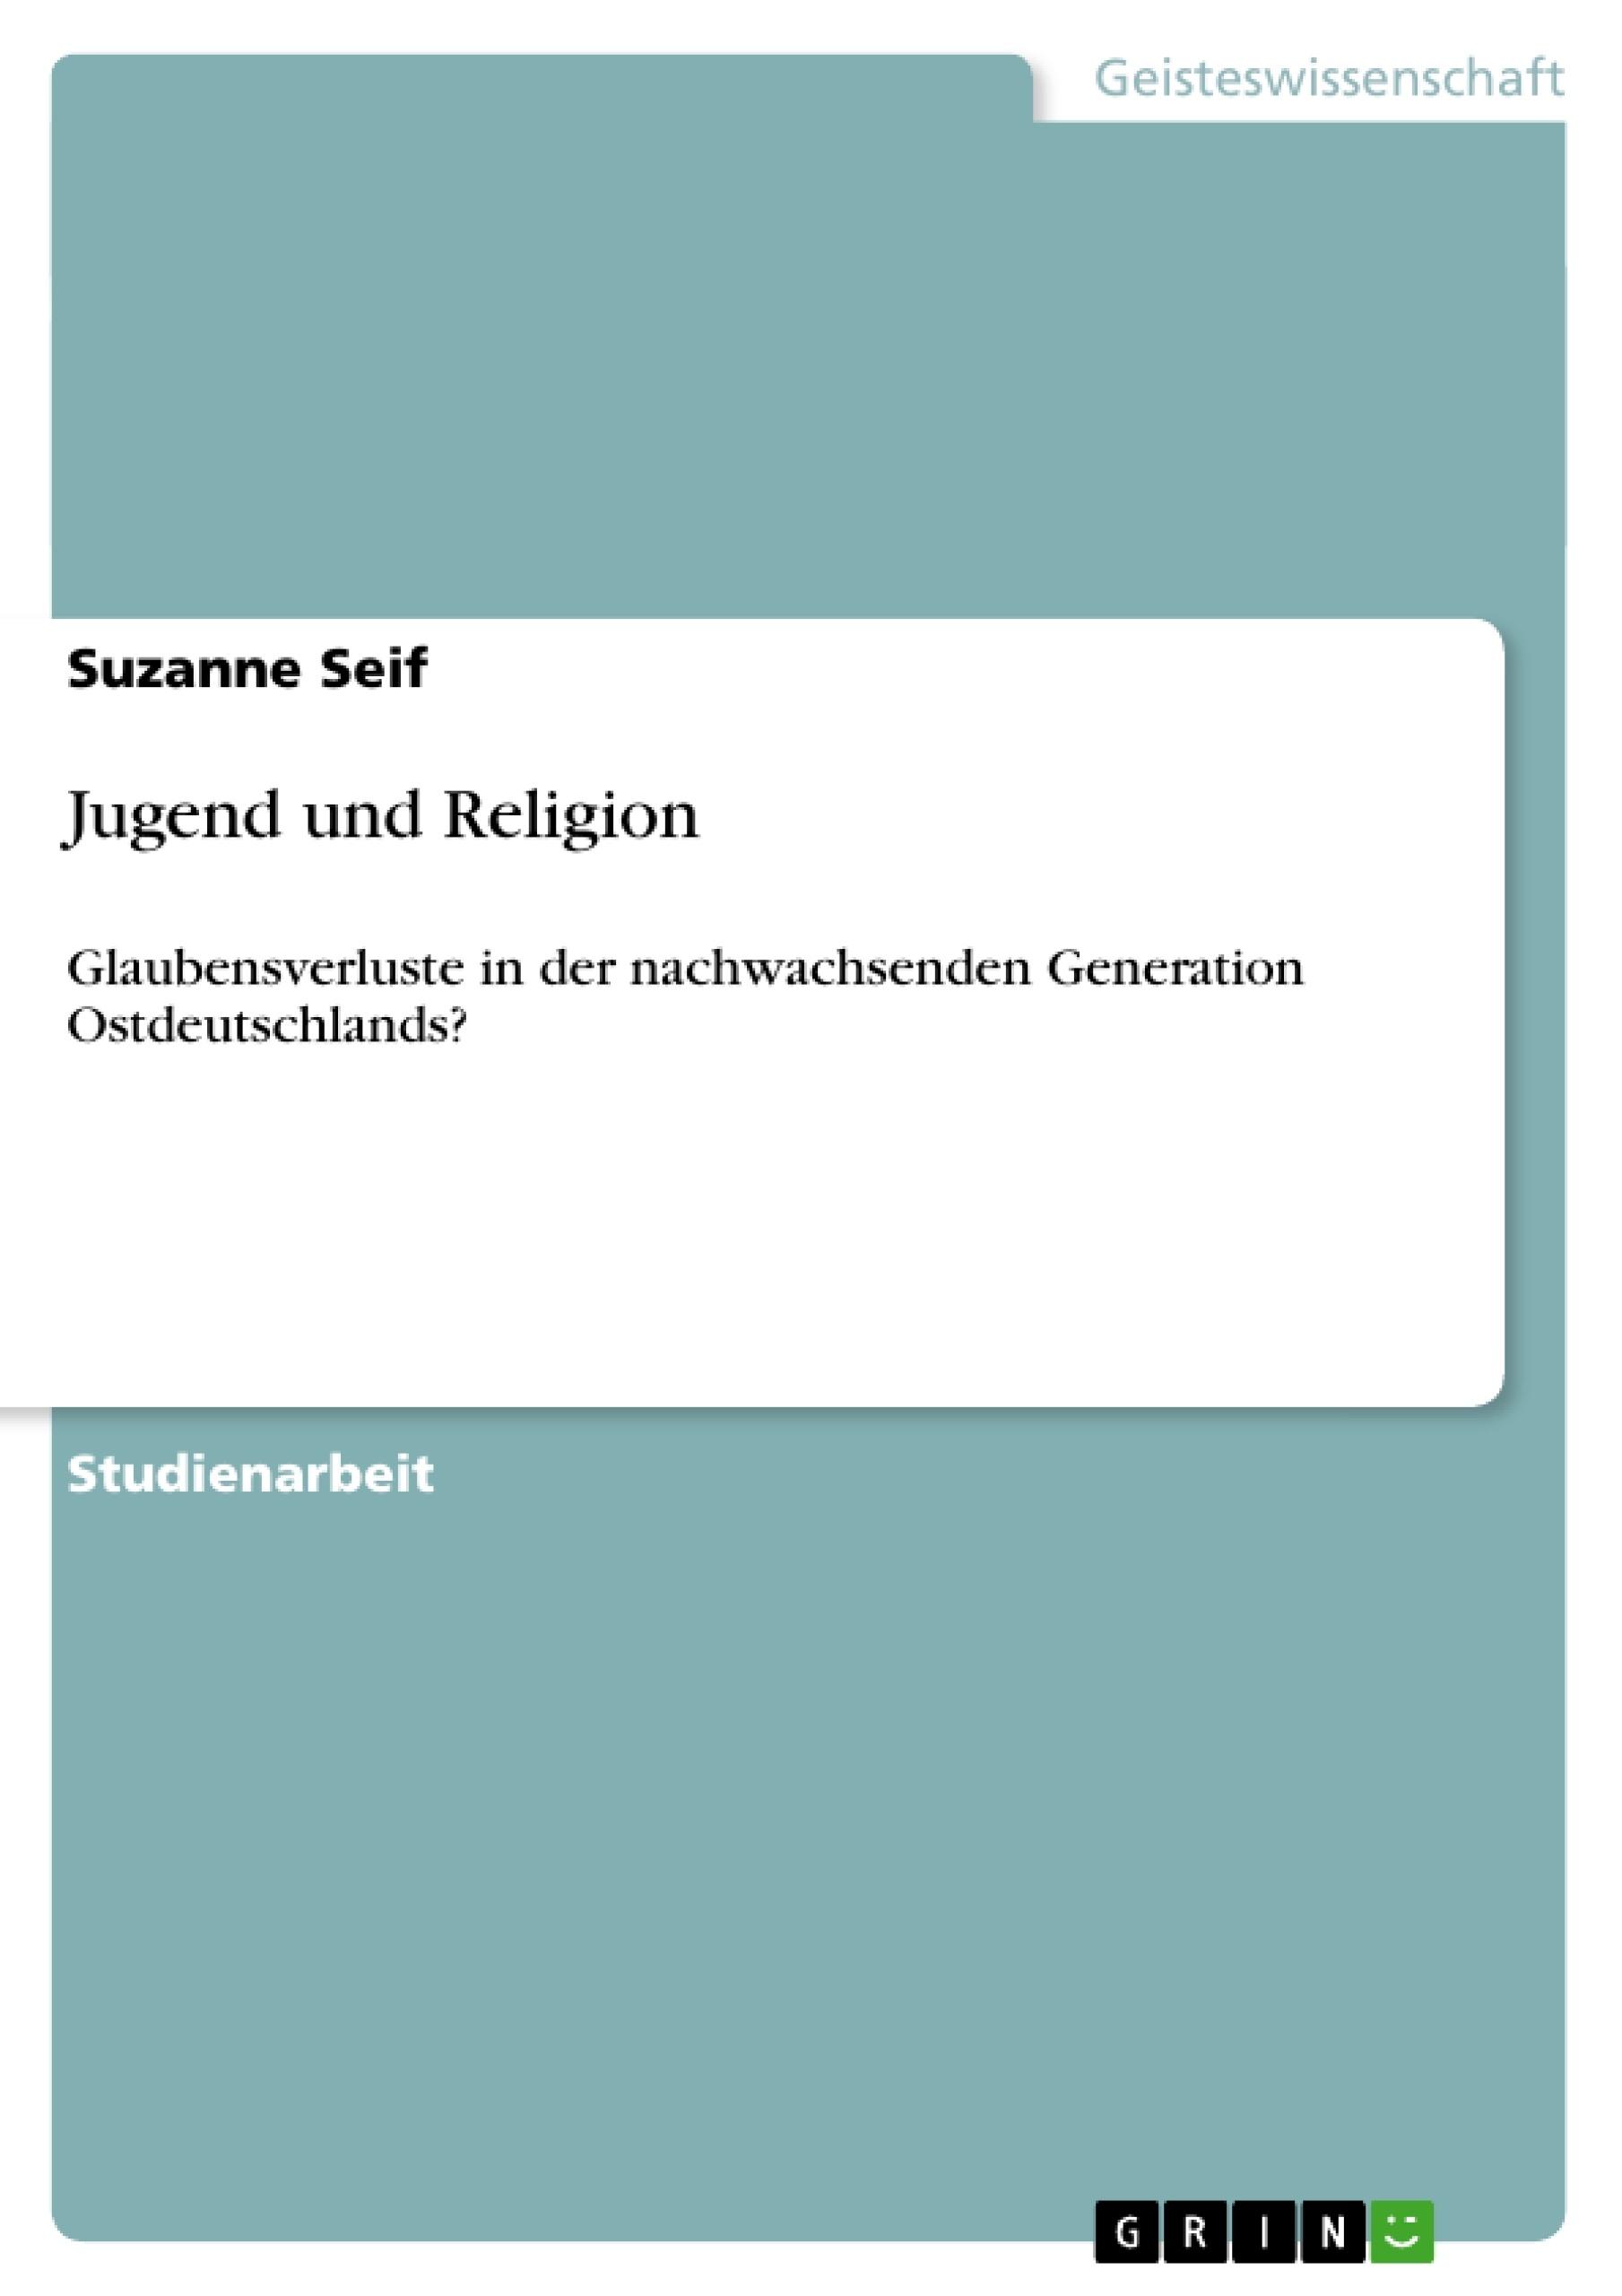 Titel: Jugend und Religion